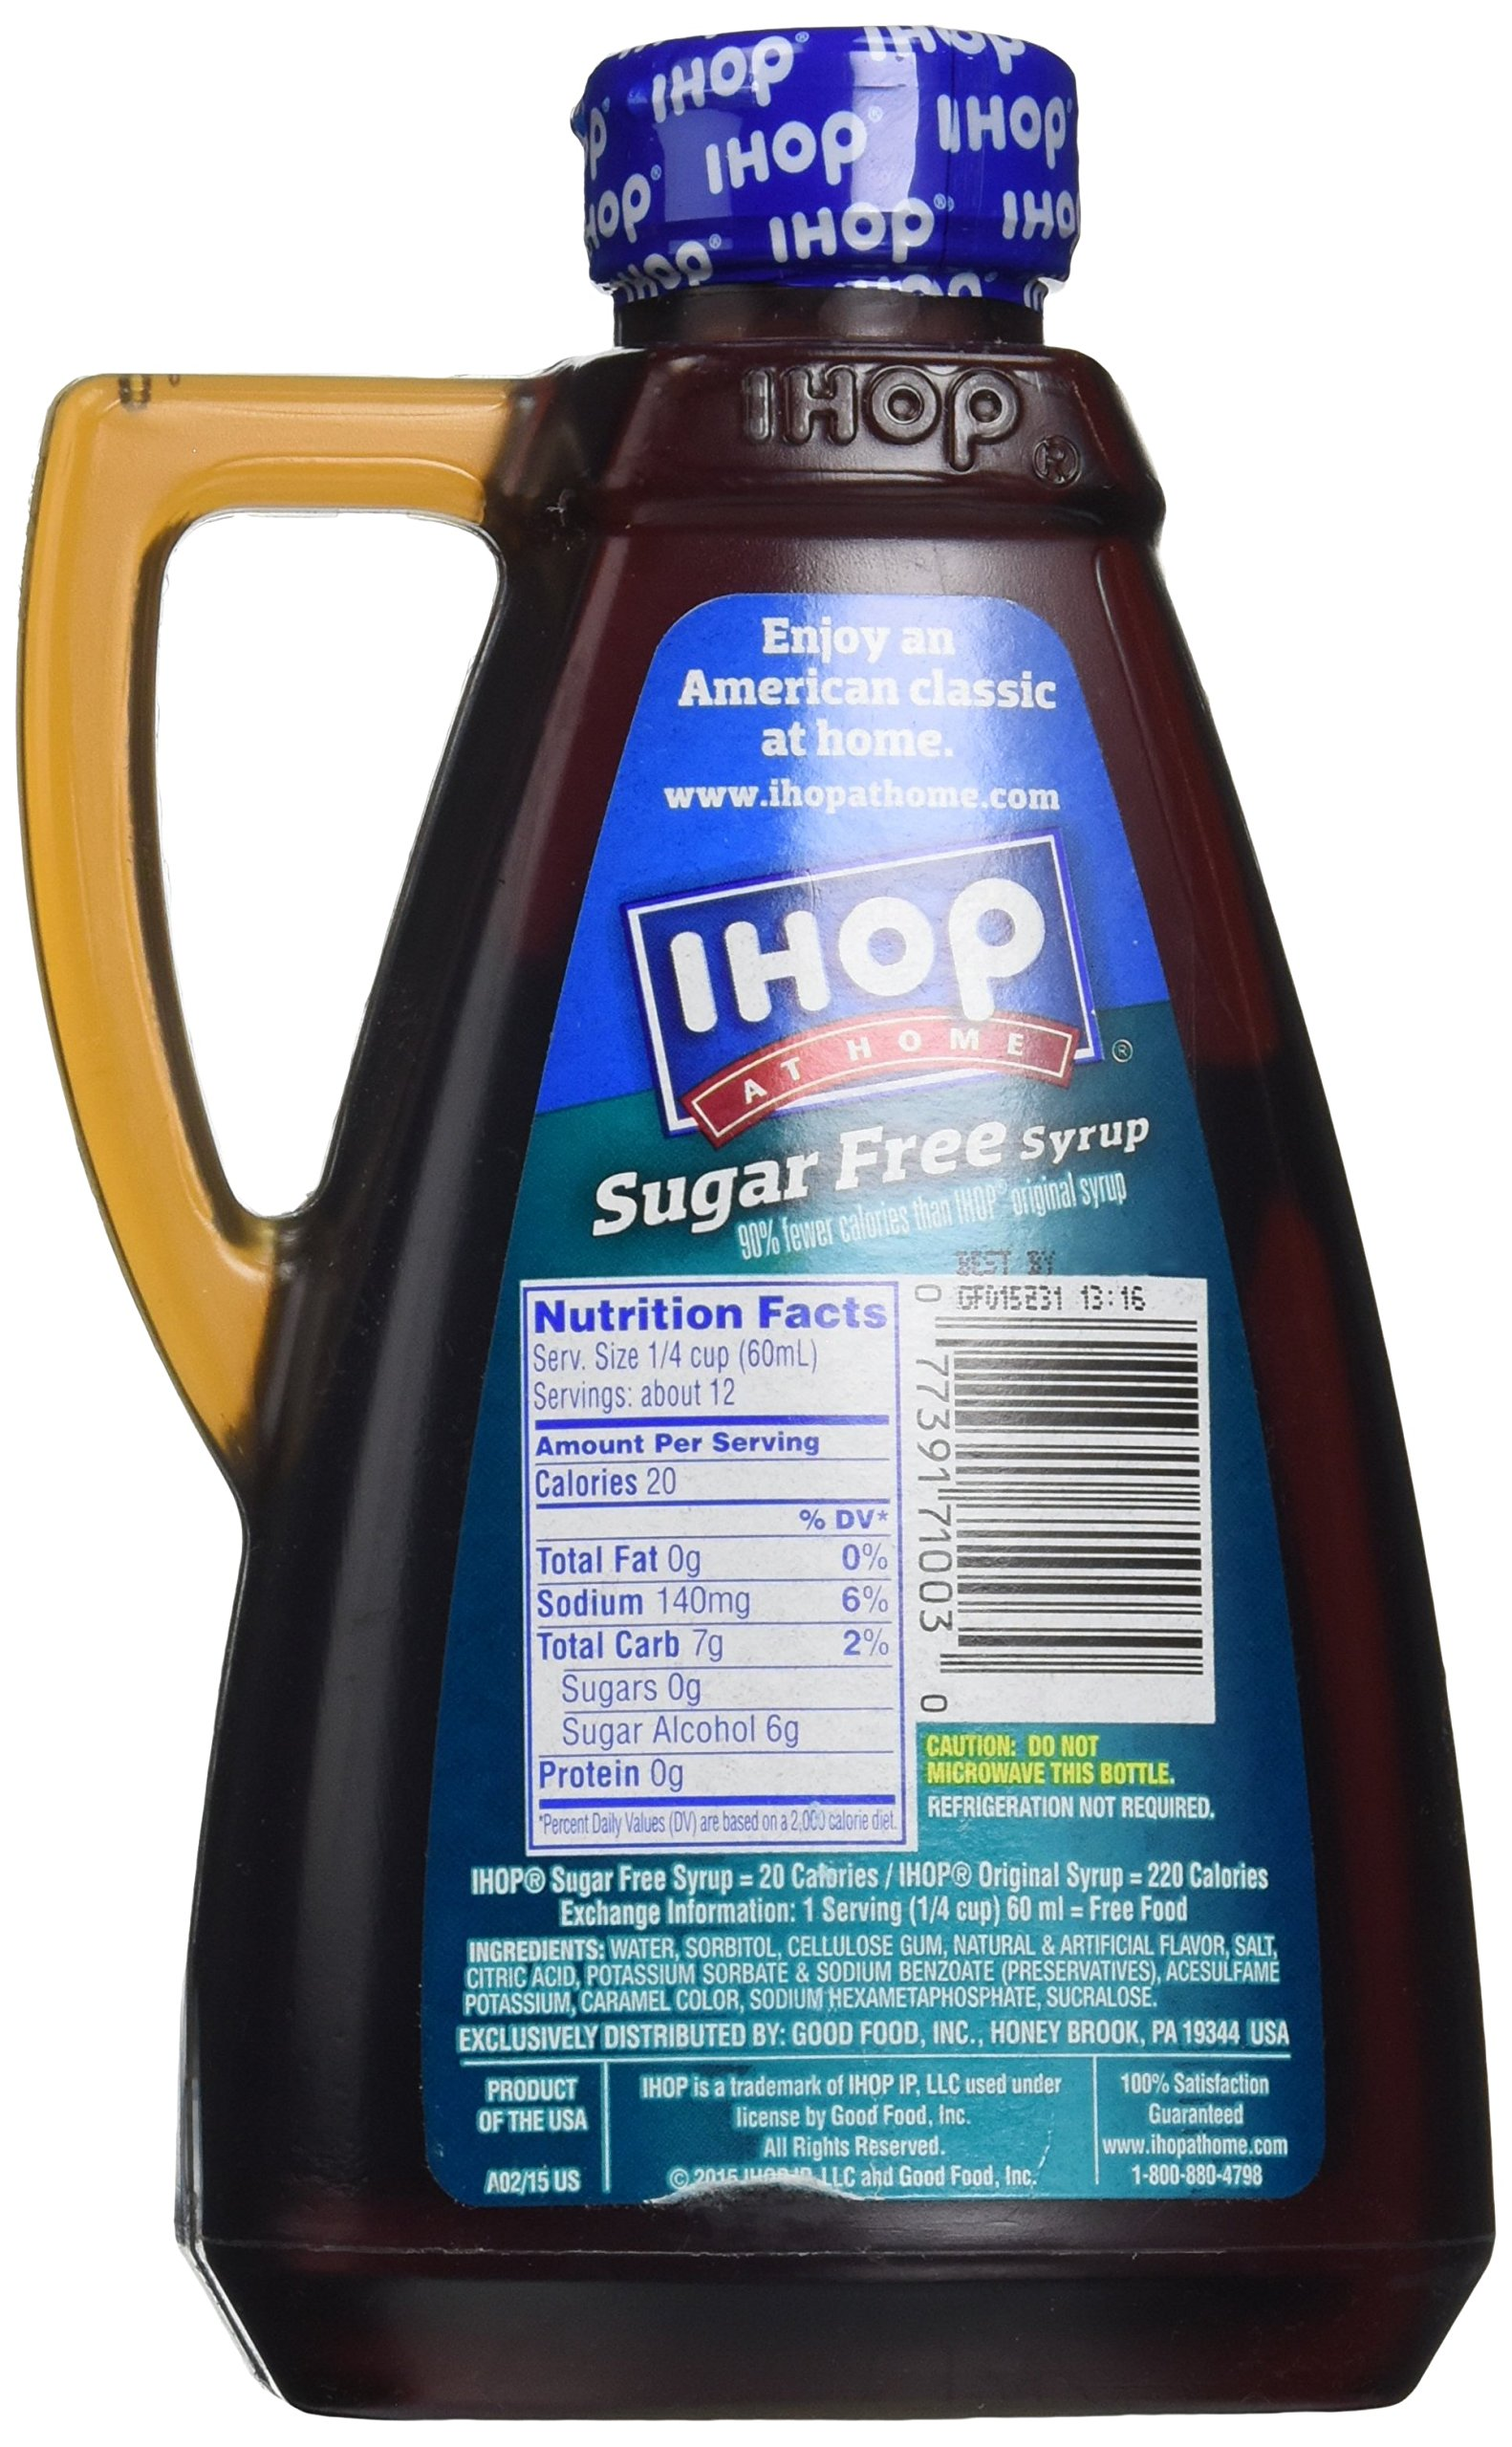 Ihop At Home Sugar Free Syrup, 24 oz by IHOP (Image #4)